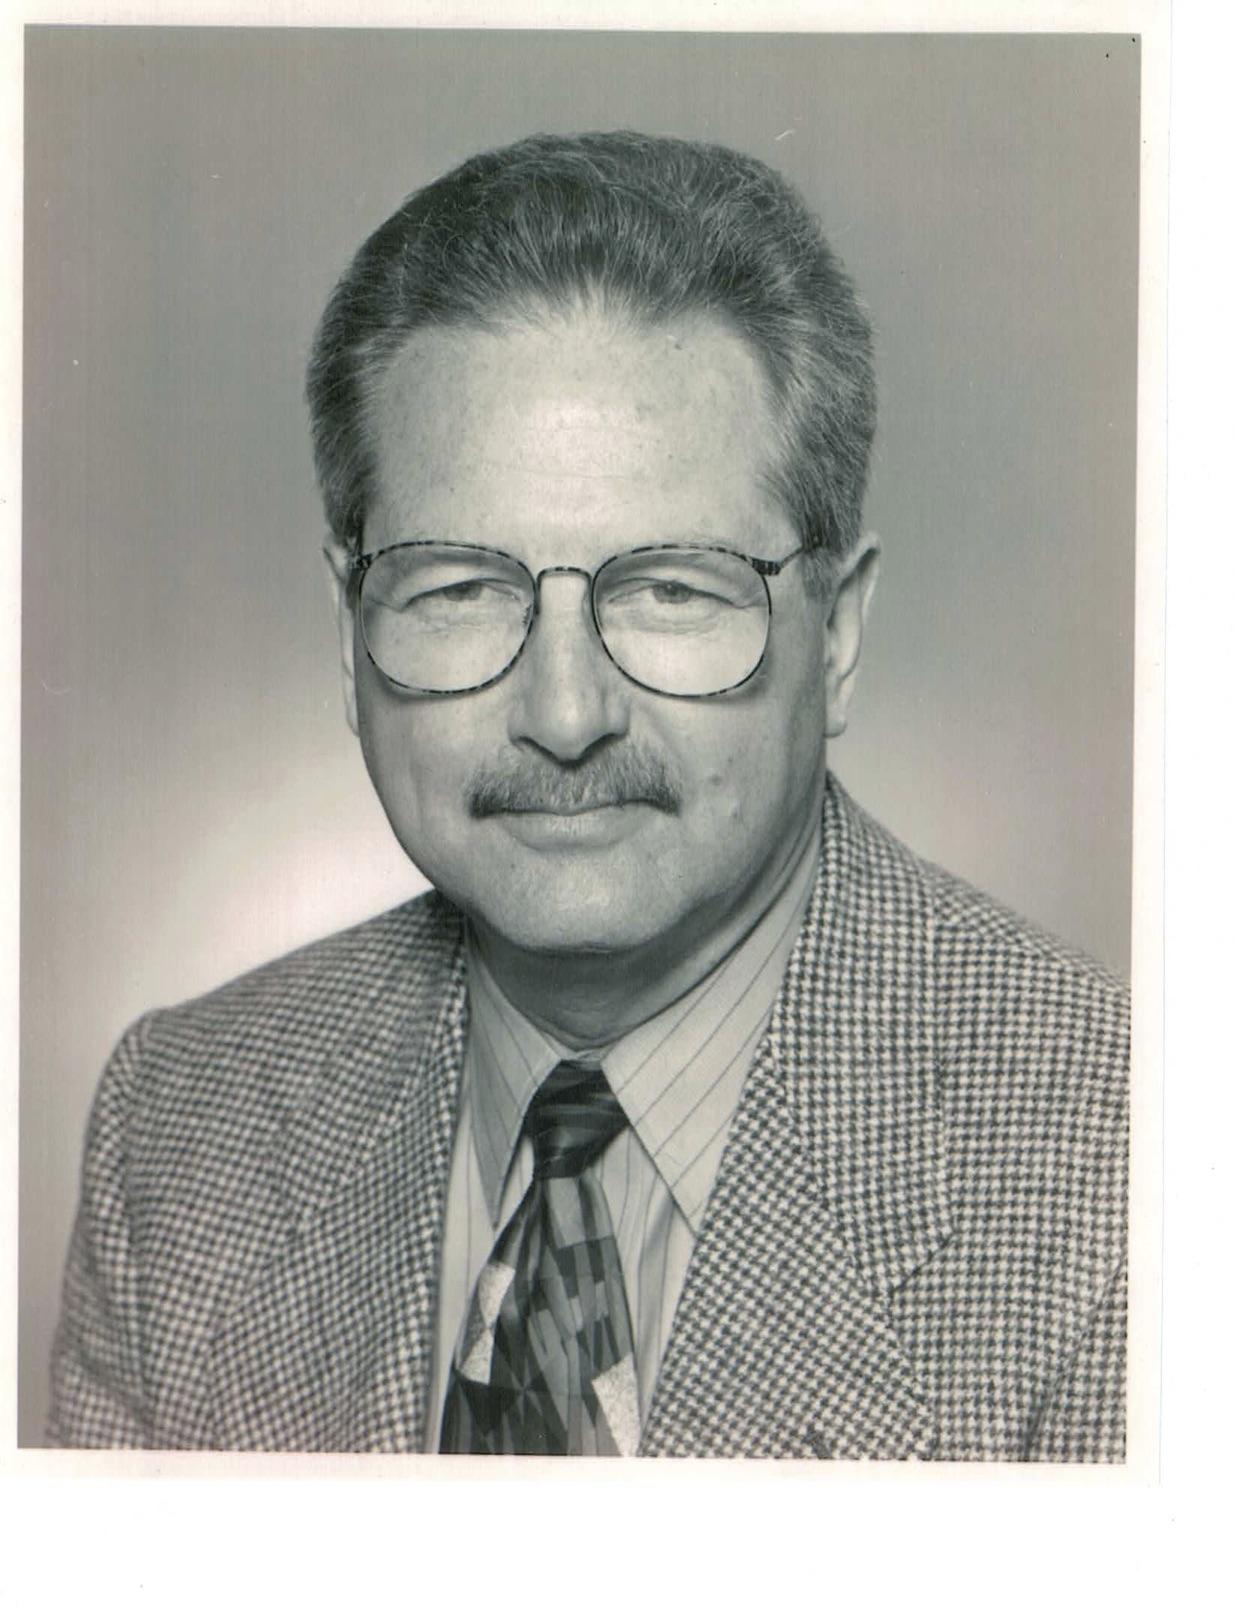 RICHARD W. PIERSON 1999-2000